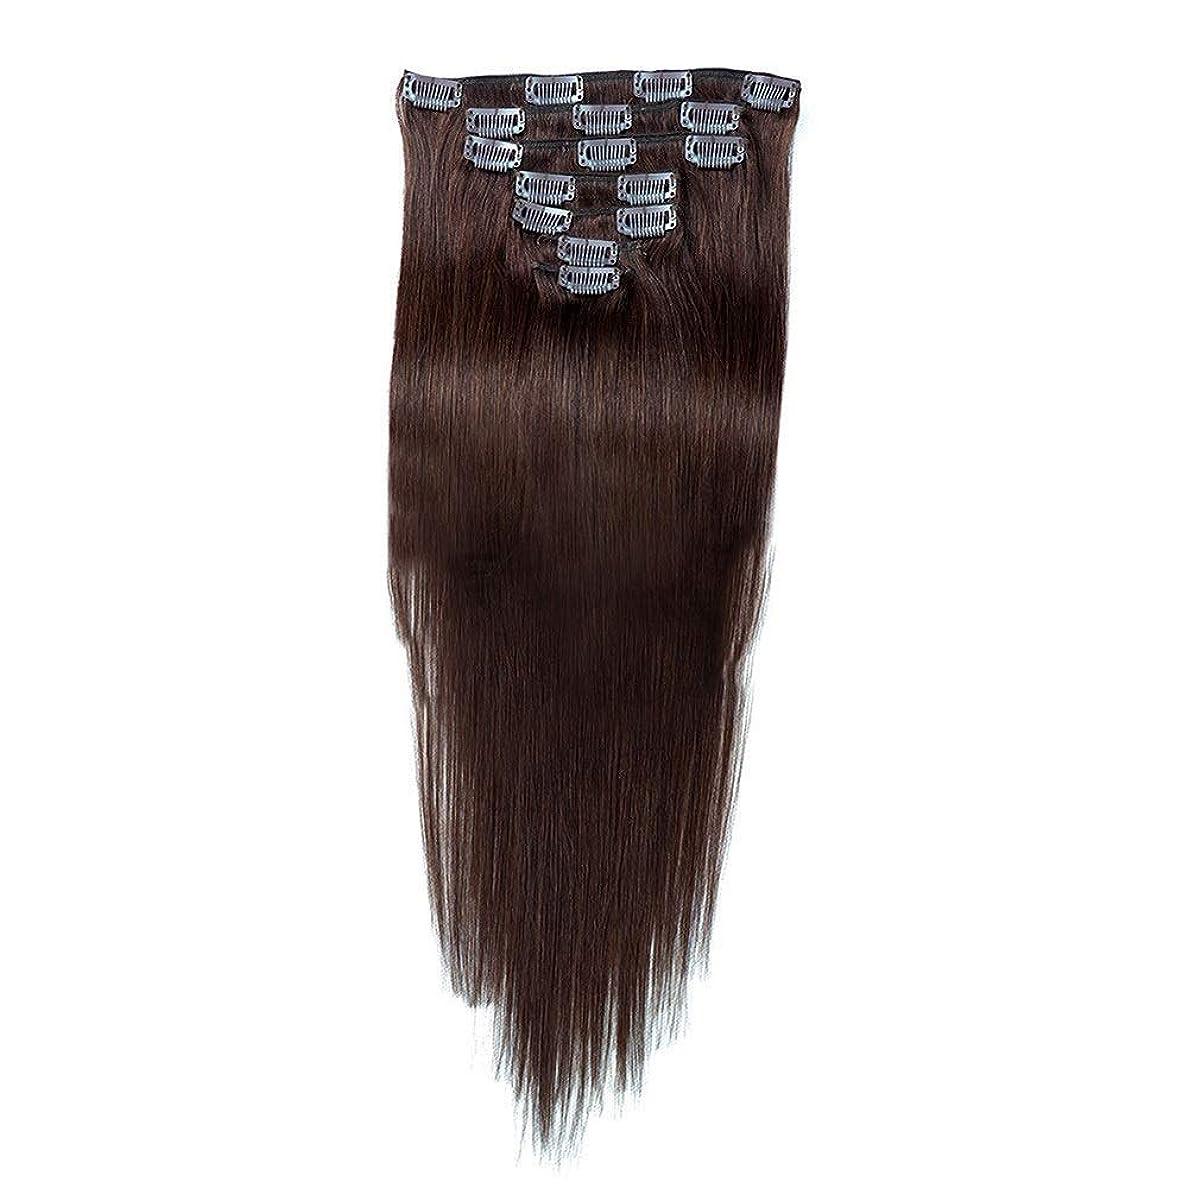 プット許可イタリアのBOBIDYEE 人間の髪の毛のRemyフルヘッドダブル横糸ストレートヘアピース(7個、#2ダークブラウン、20インチ、70g)のヘアエクステンションクリップ (色 : #2 Dark Brown)